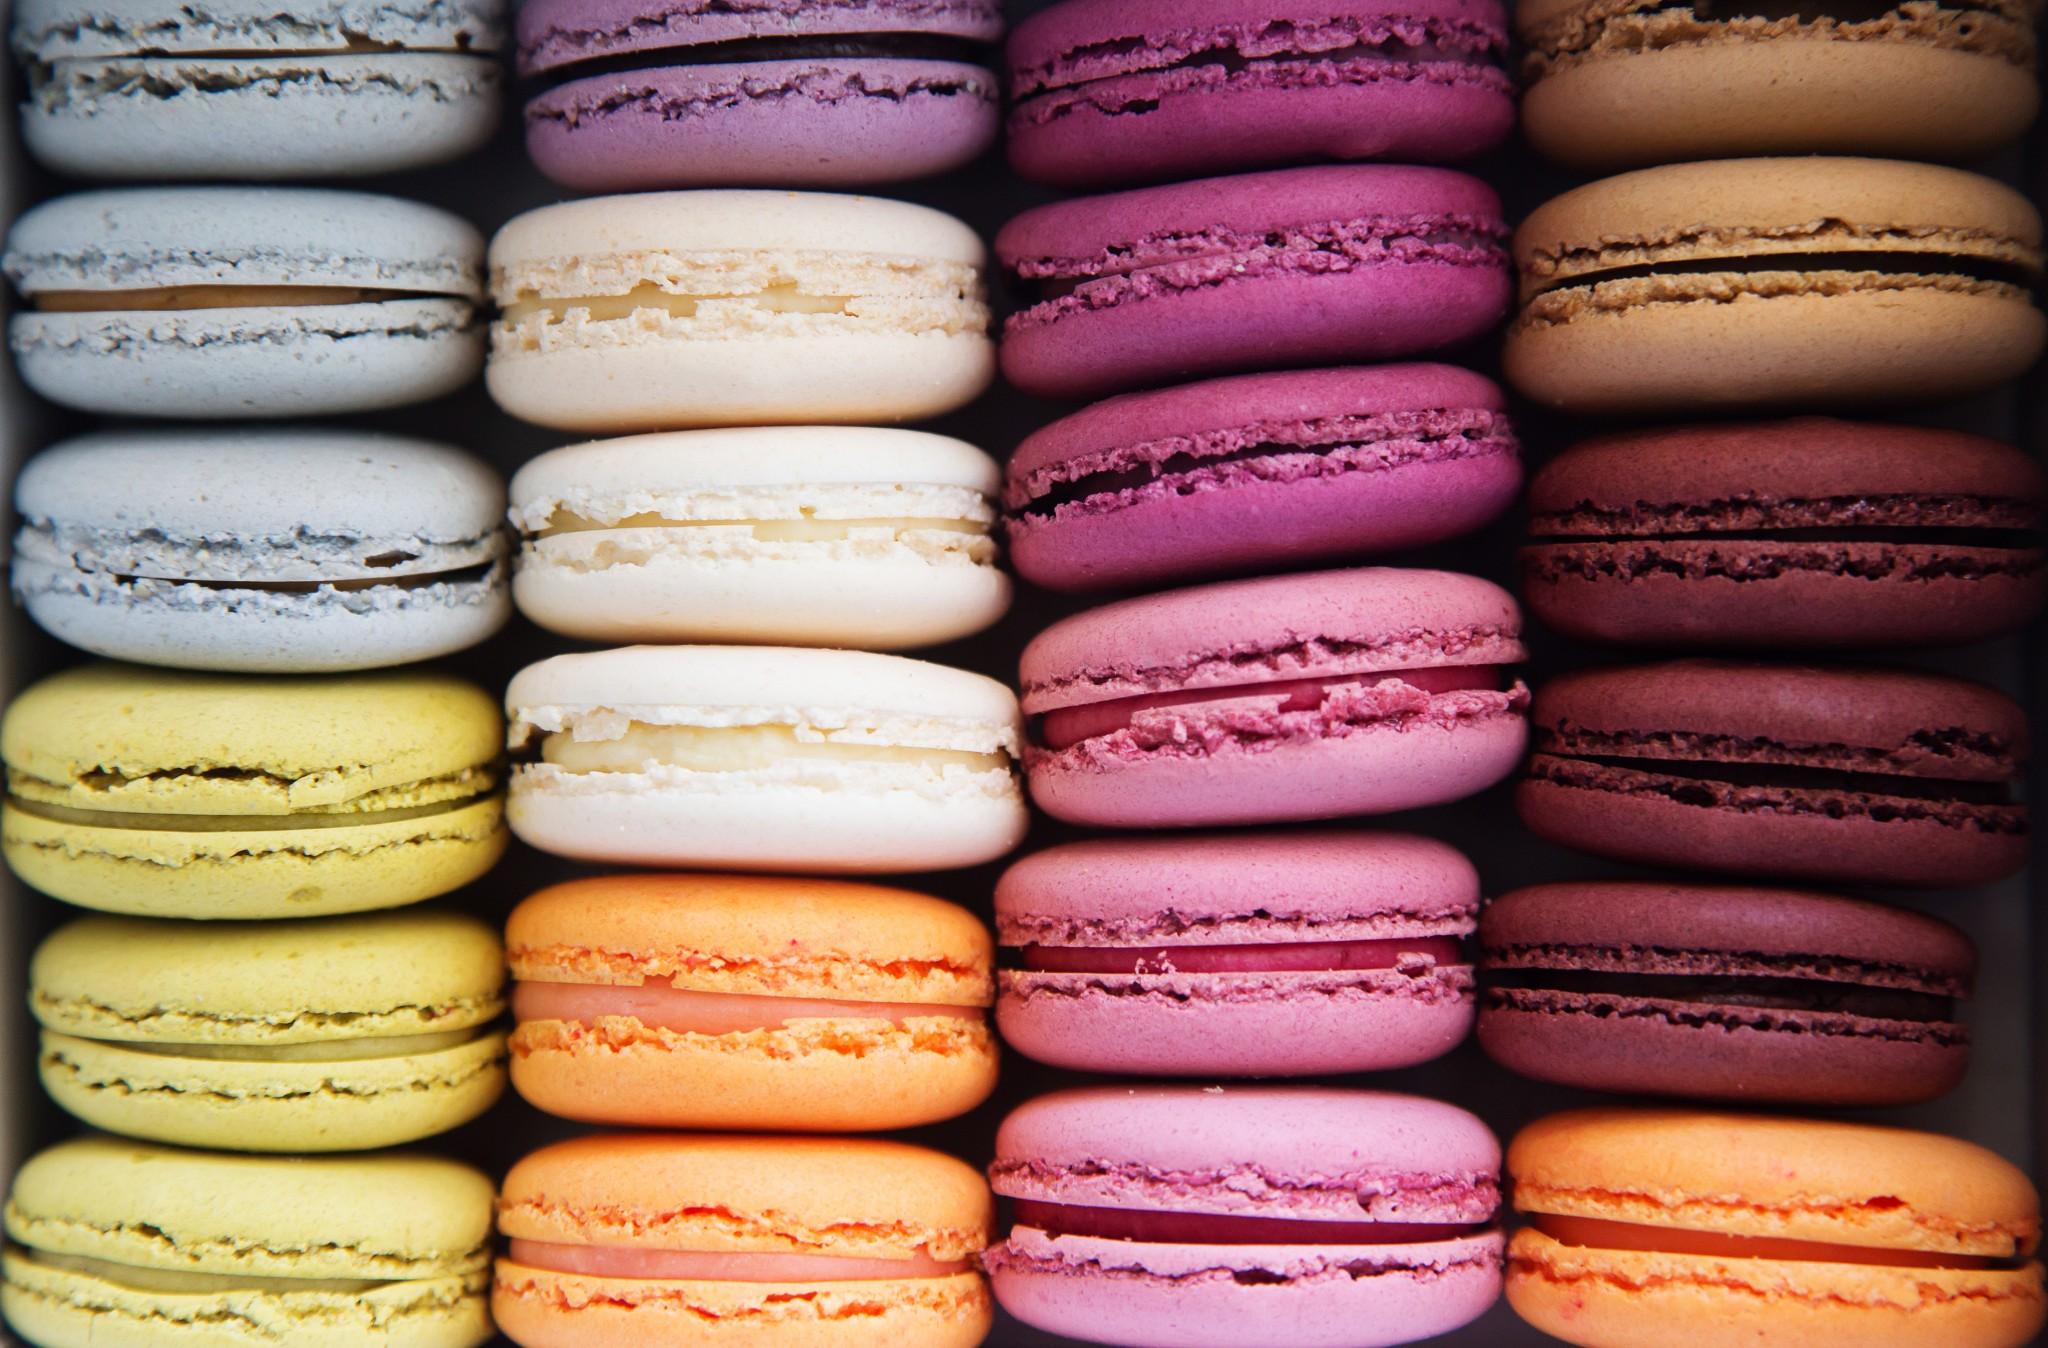 Les secrets de confection du macaron - Food - CultureSecrets